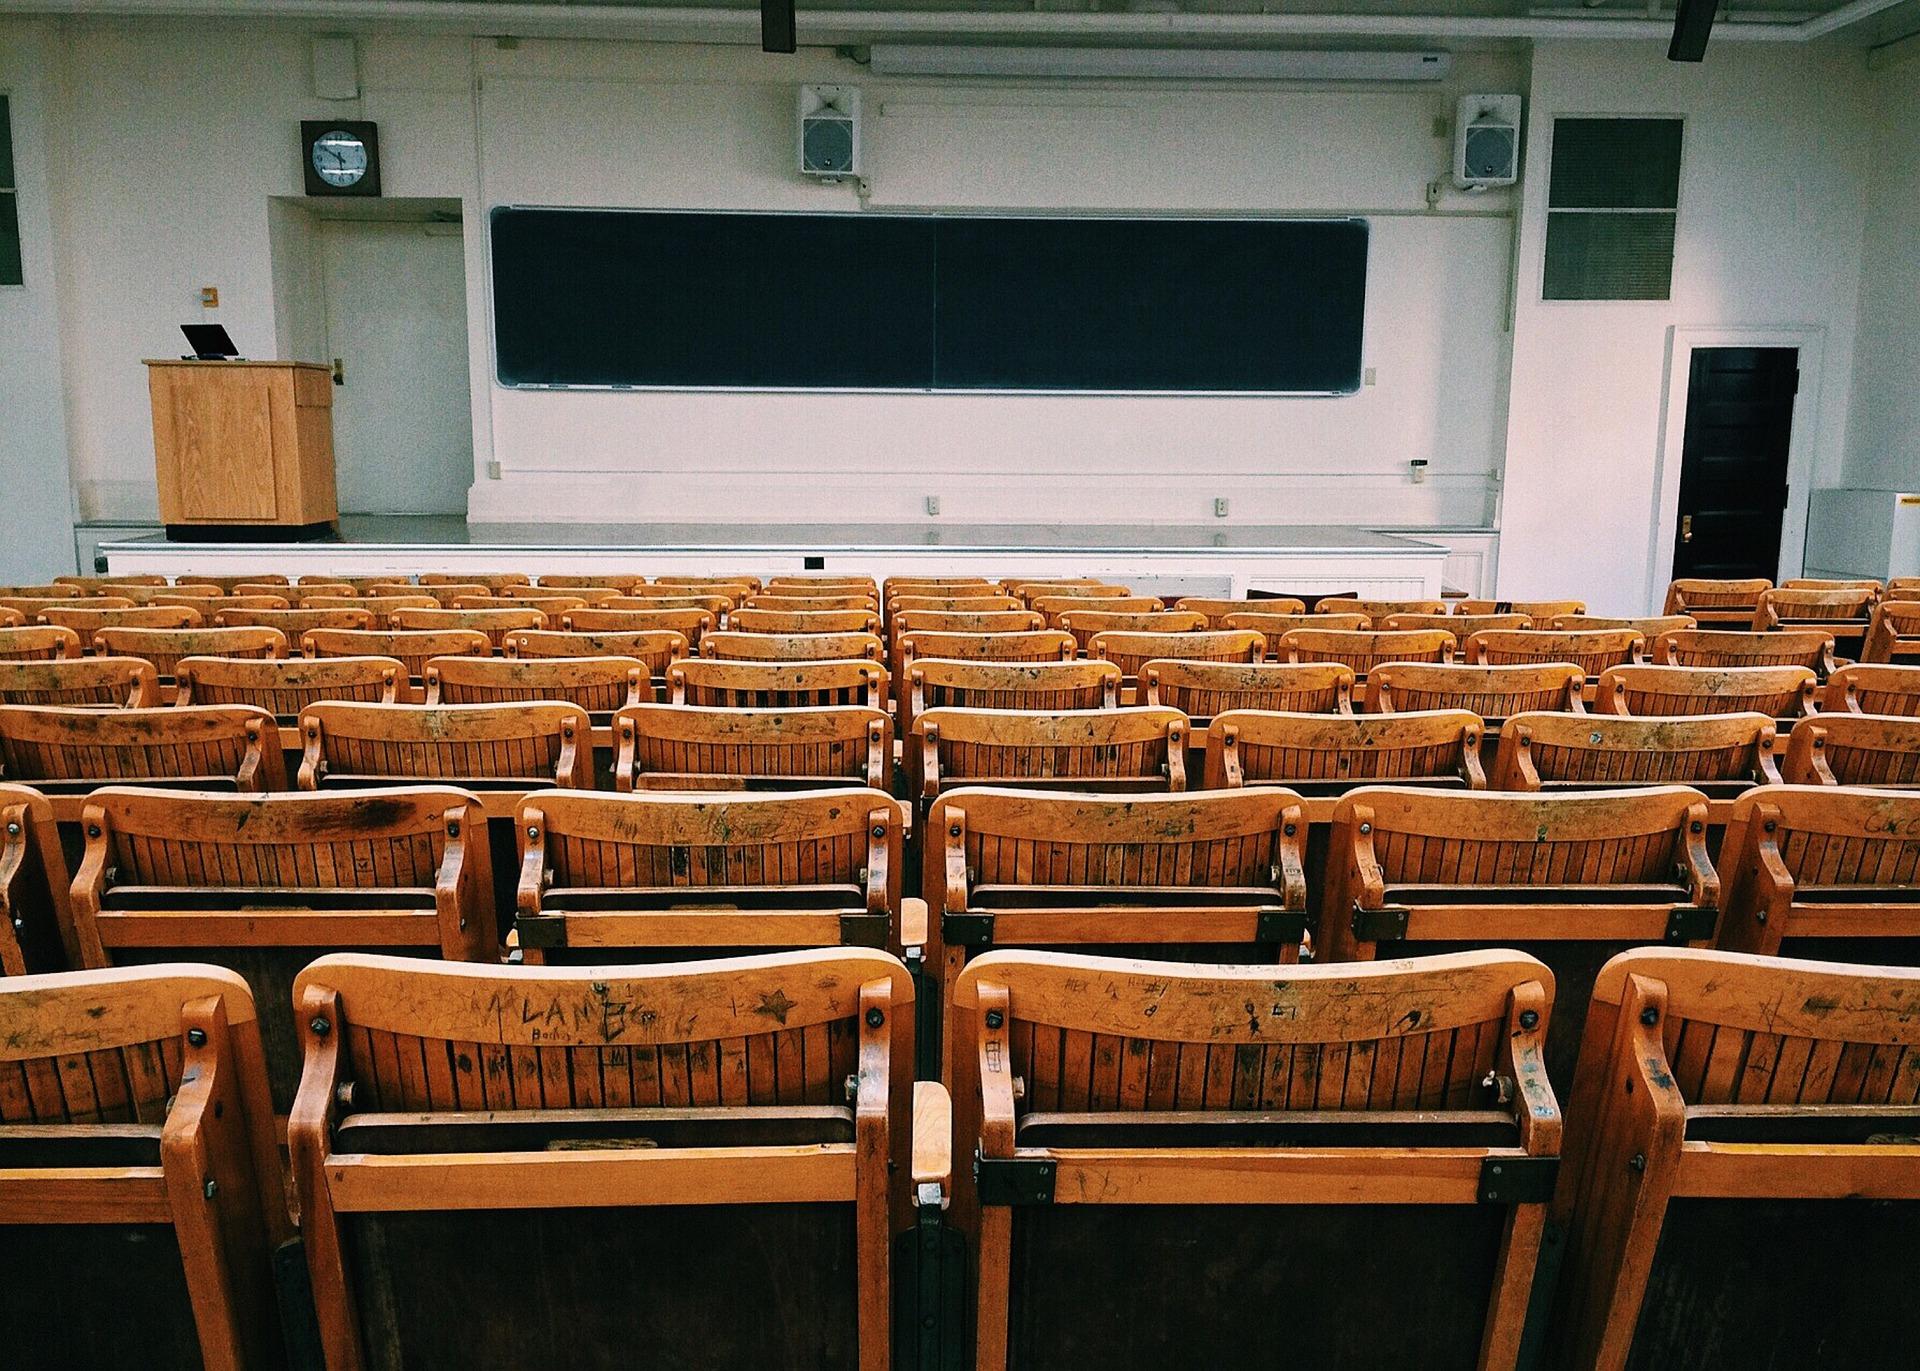 Imagen de un auditorio vacio, con sillas de madera y un tablero al fondo.  Xpirience Day 2020